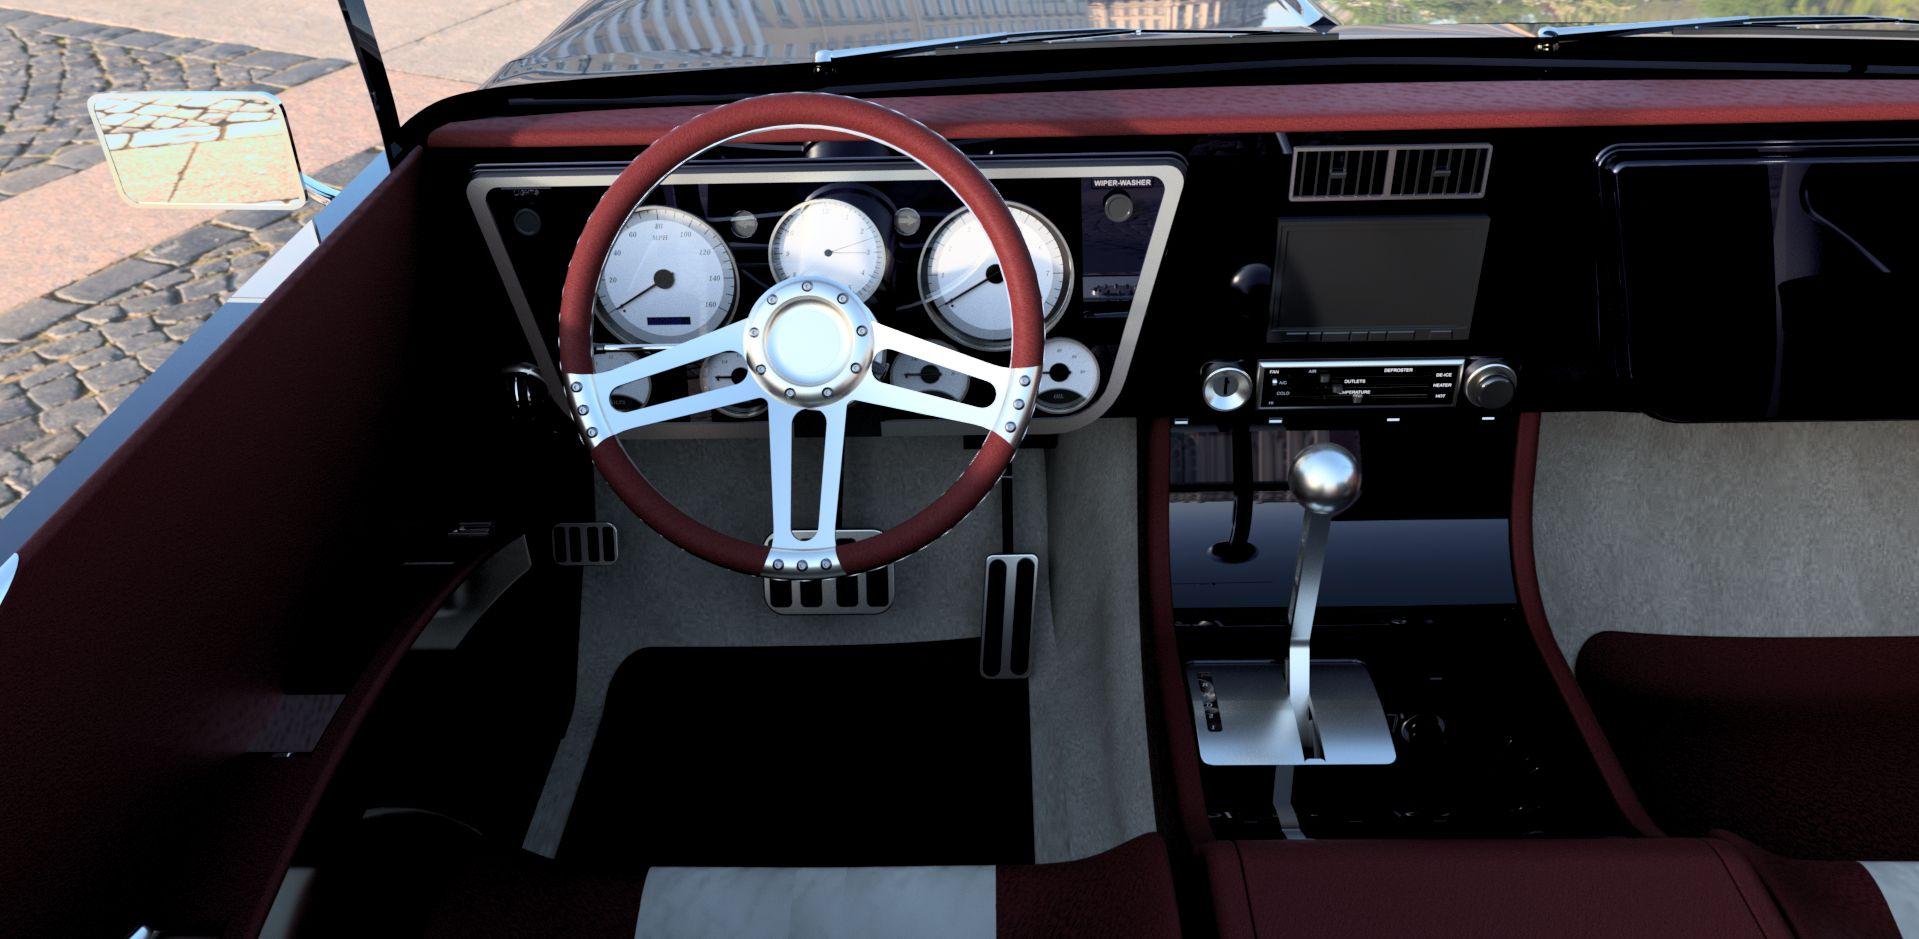 Truck-body5-v53-1-3500-3500